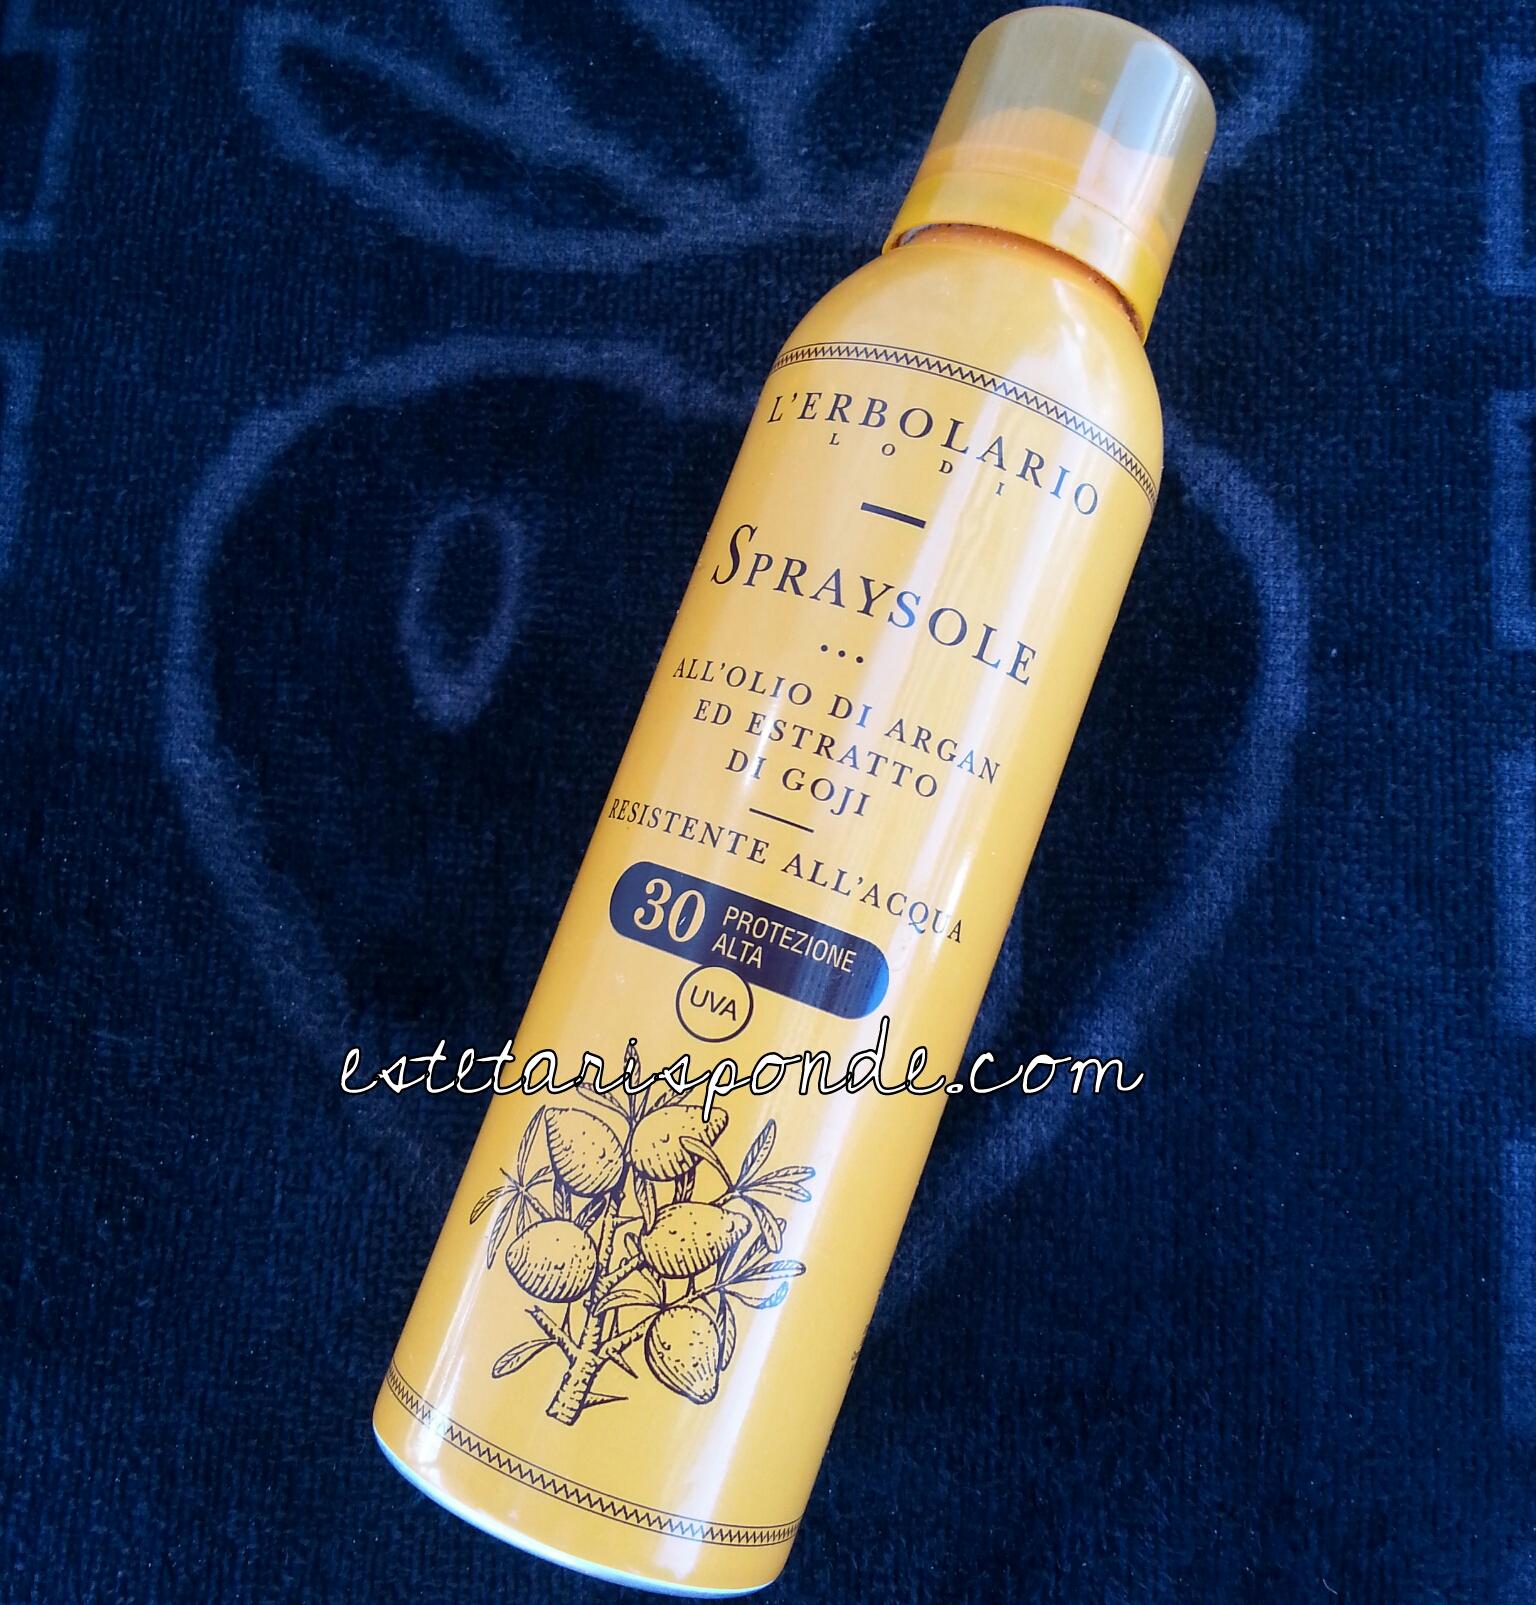 L'Erbolario spraysole all'olio di argan ed estratto di goji